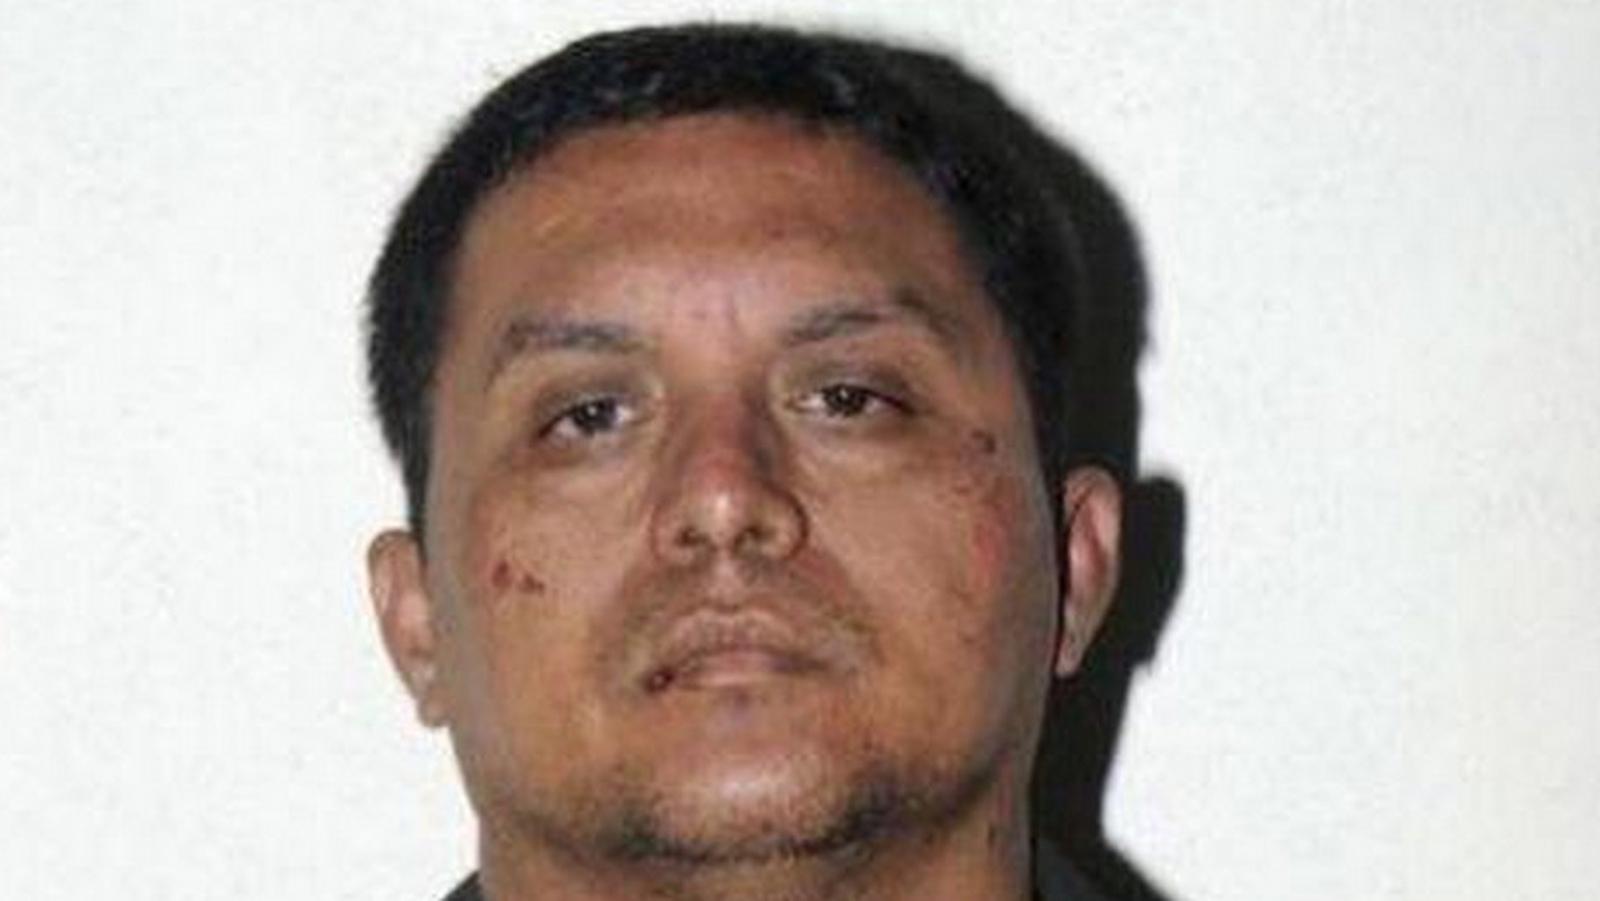 Mexico captures major drug cartel leader